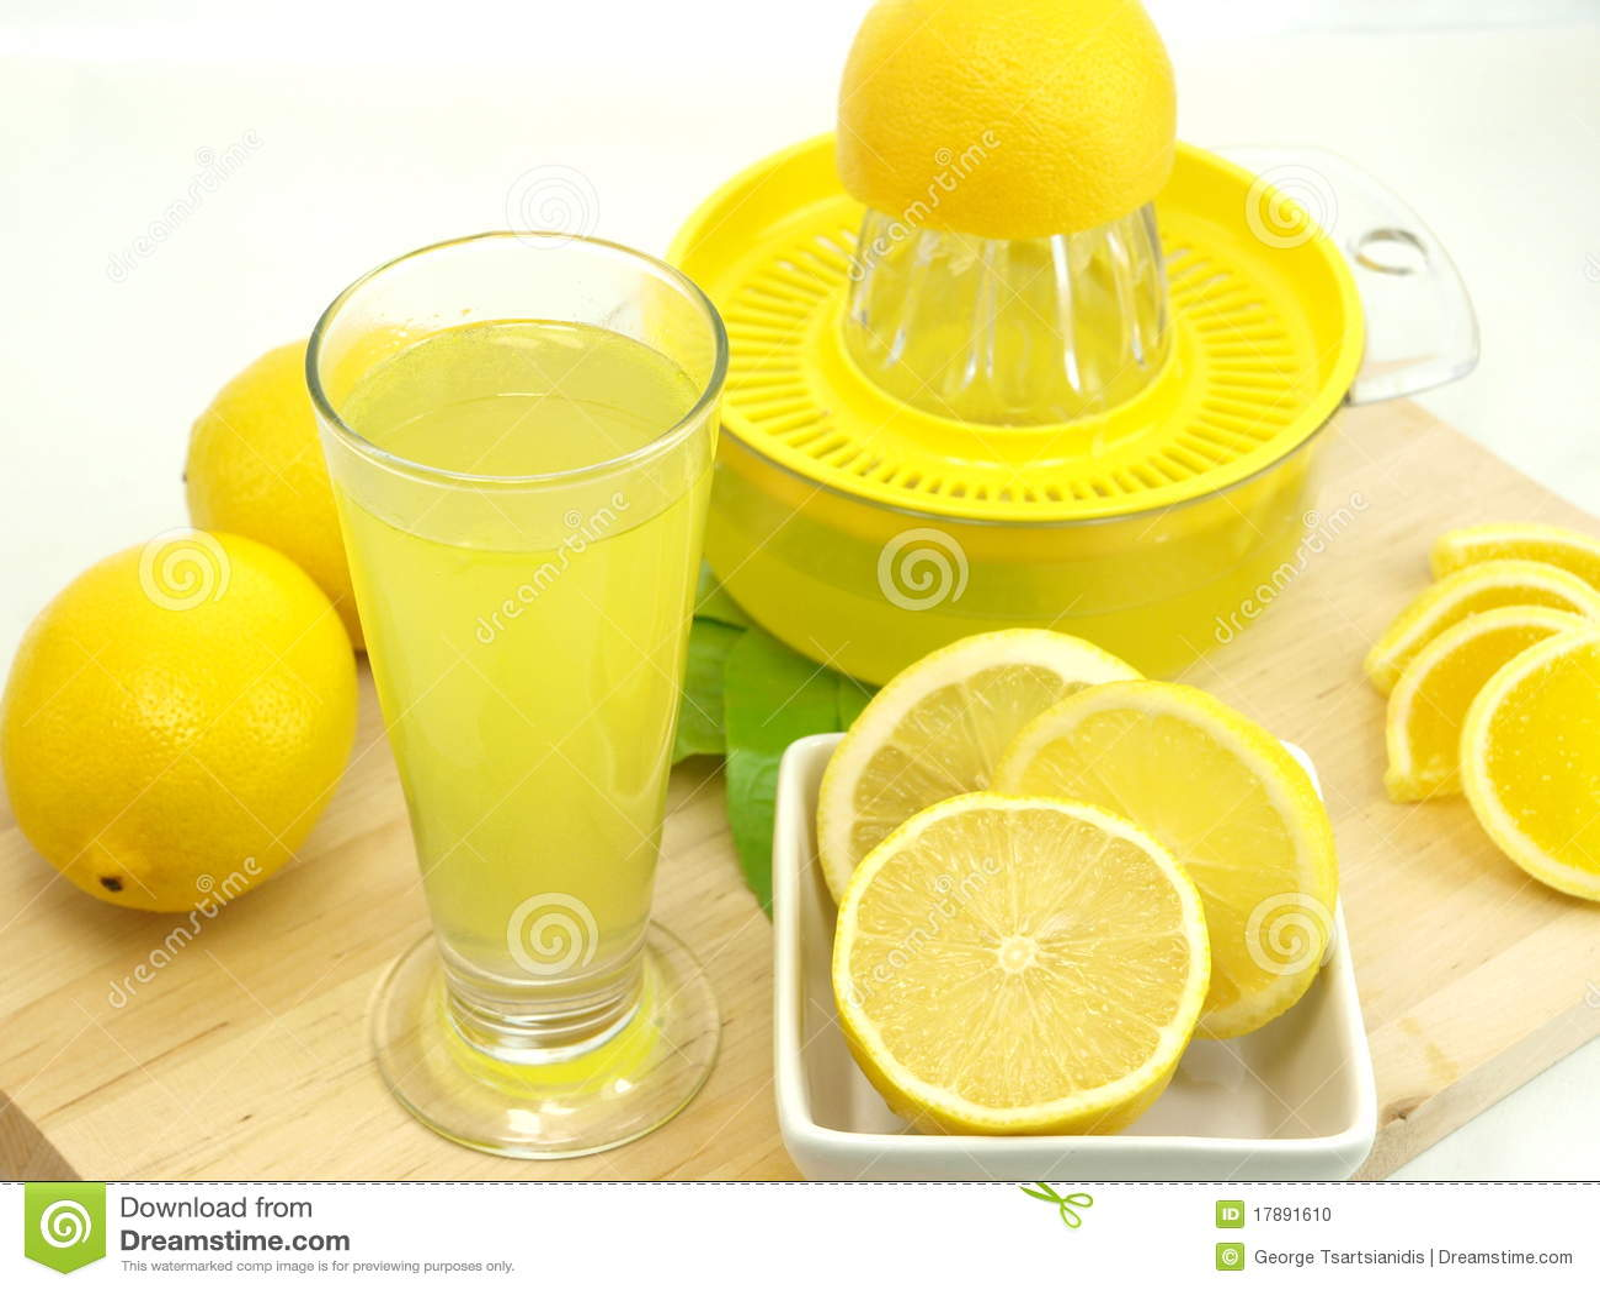 glace d 39 un jus de citron frais photo stock image 17891610. Black Bedroom Furniture Sets. Home Design Ideas